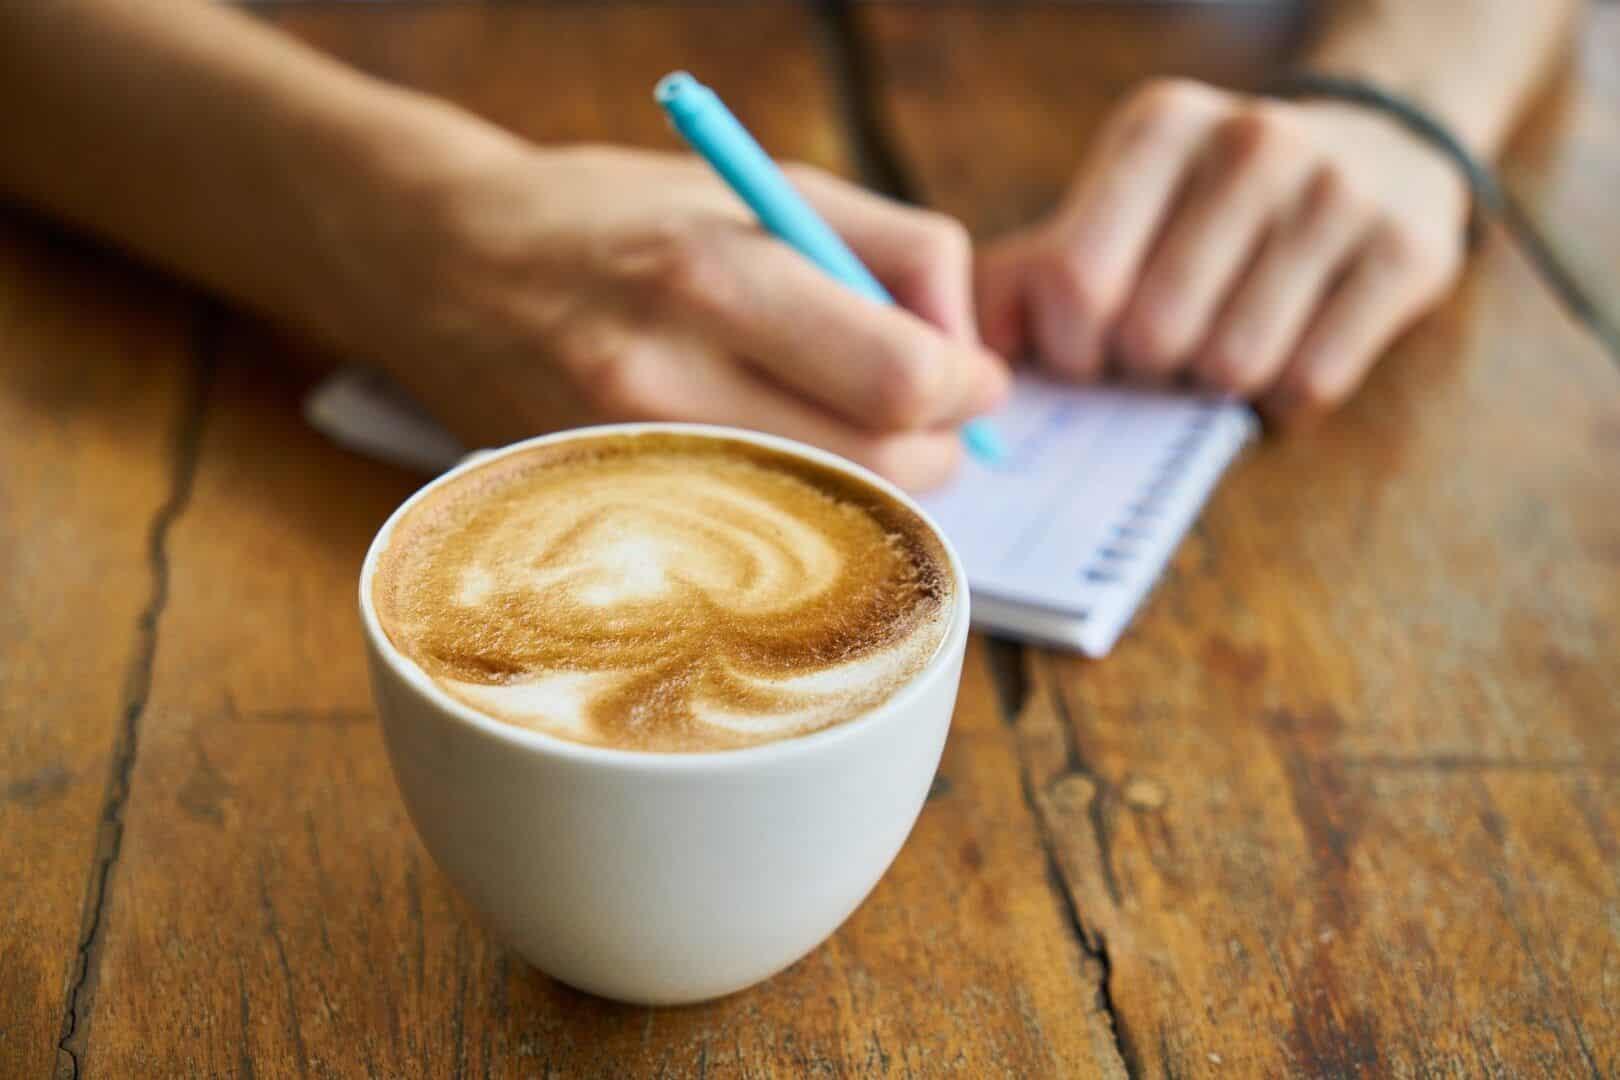 Efeitos da cafeína - conheça as reações positivas e negativas